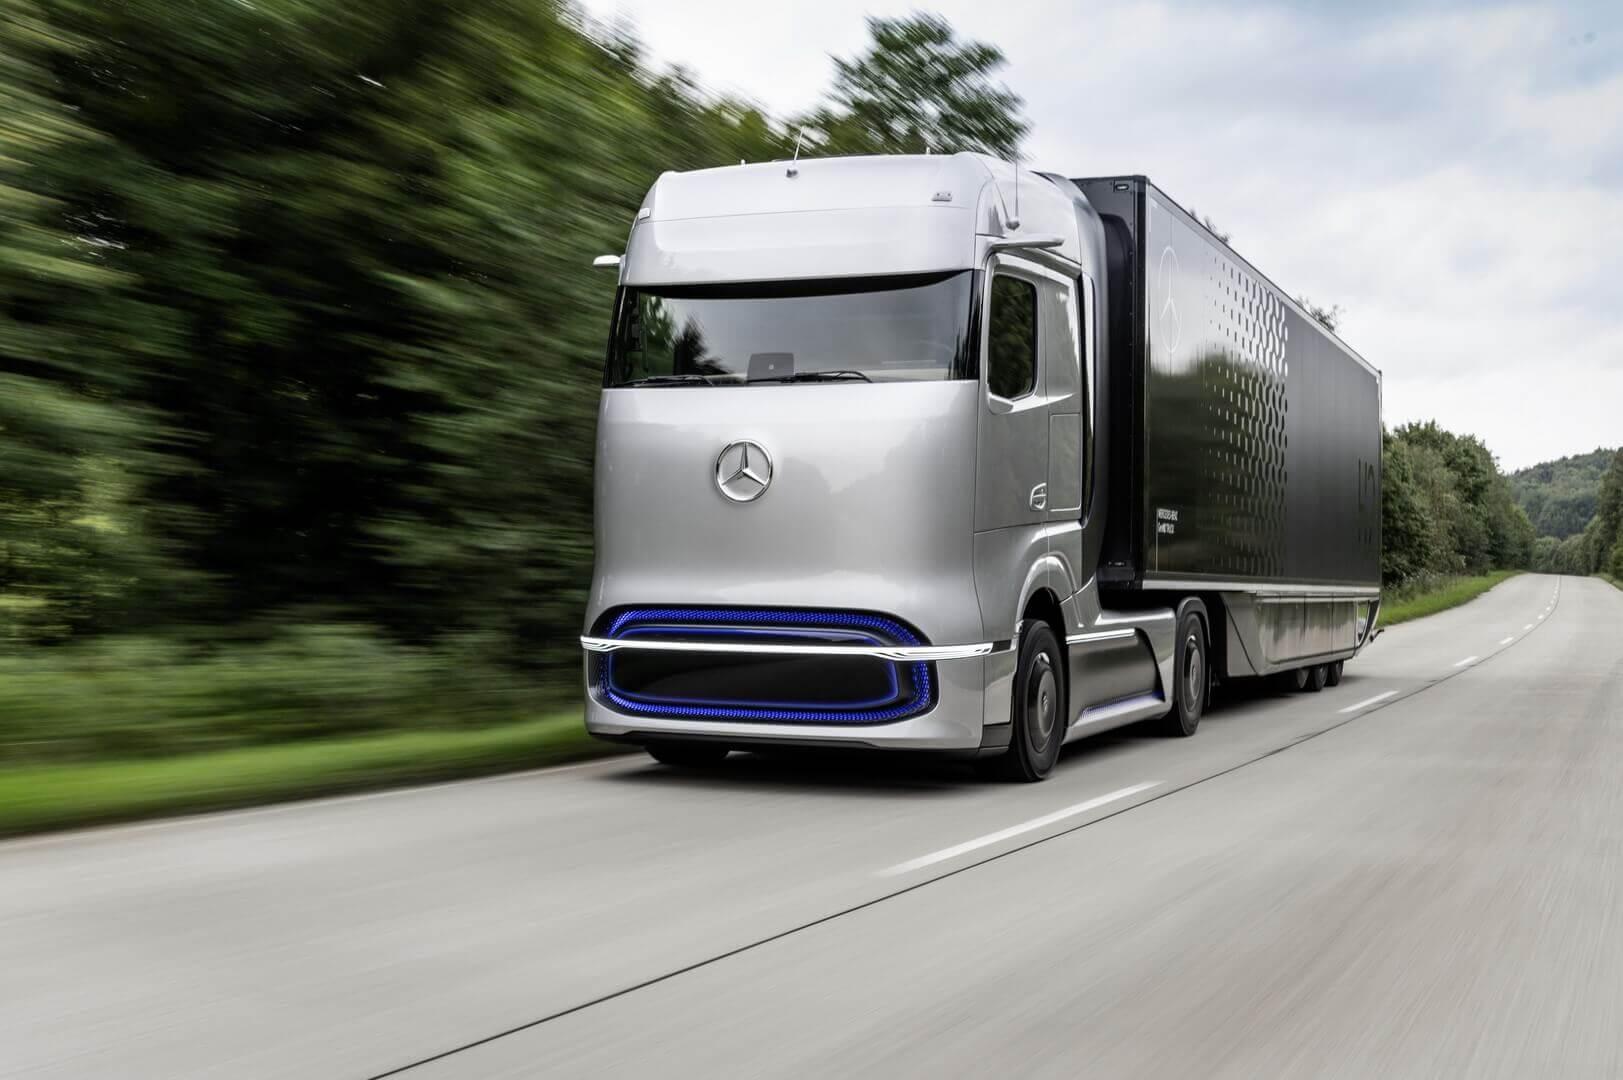 Концептуальный грузовик на топливных элементах Mercedes-Benz GenH2 Truck с запасом хода 1000 км и более